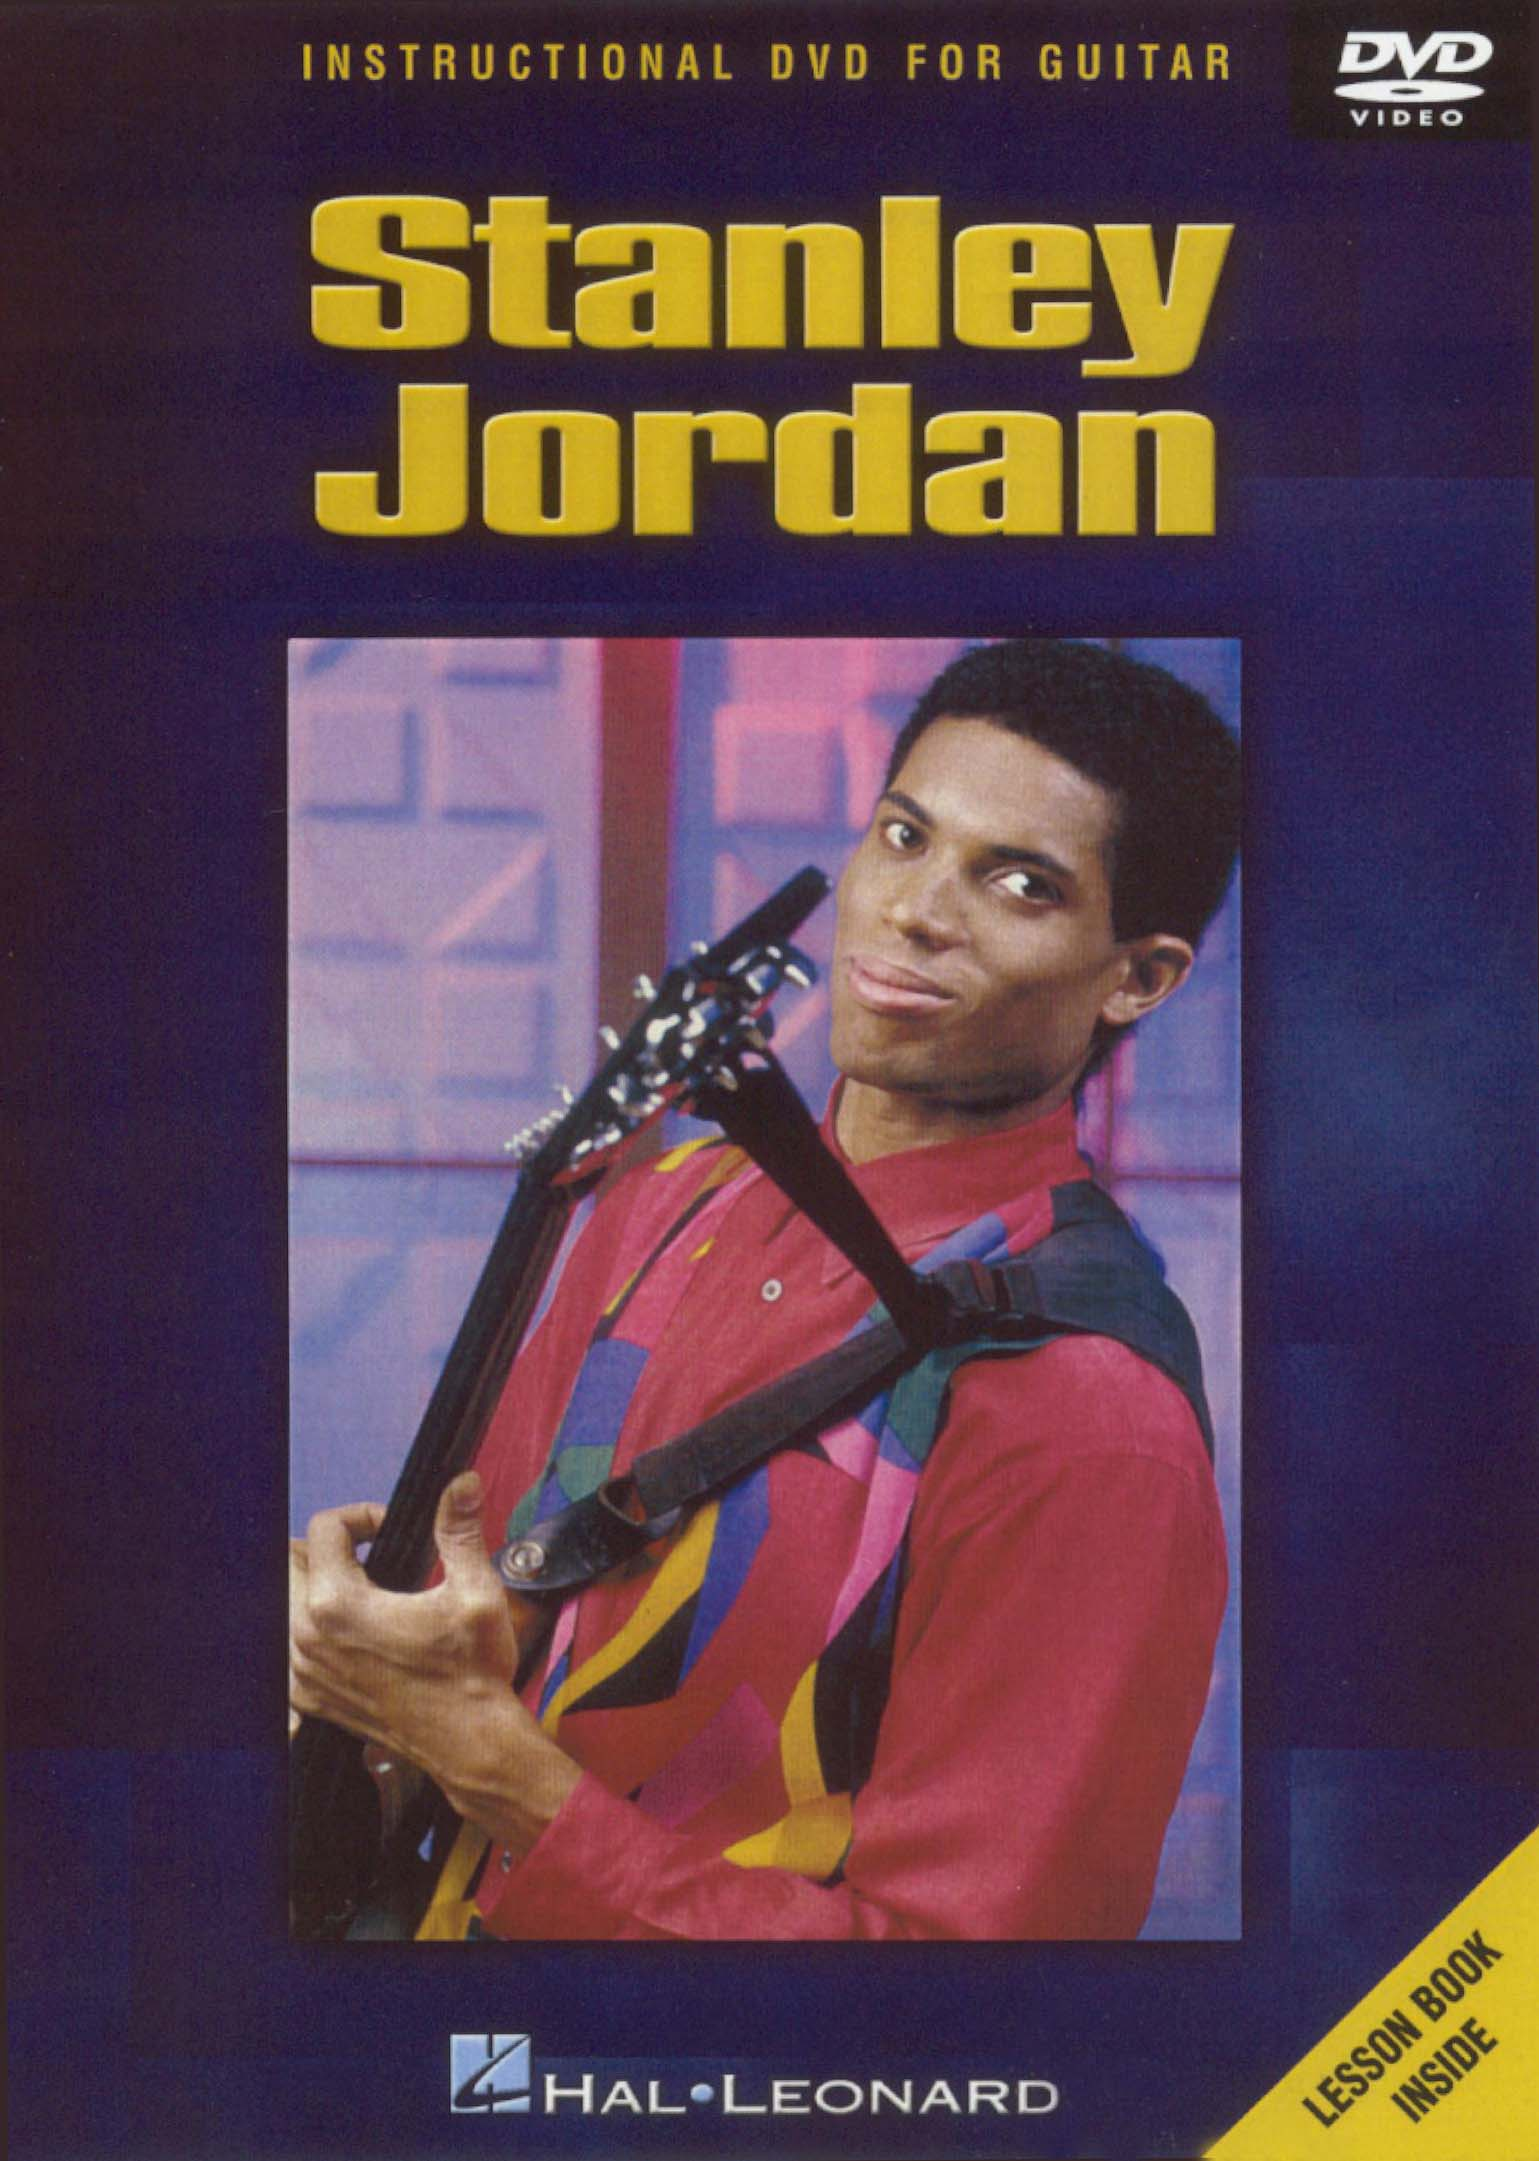 Stanley Jordan: Instructional DVD for Guitar